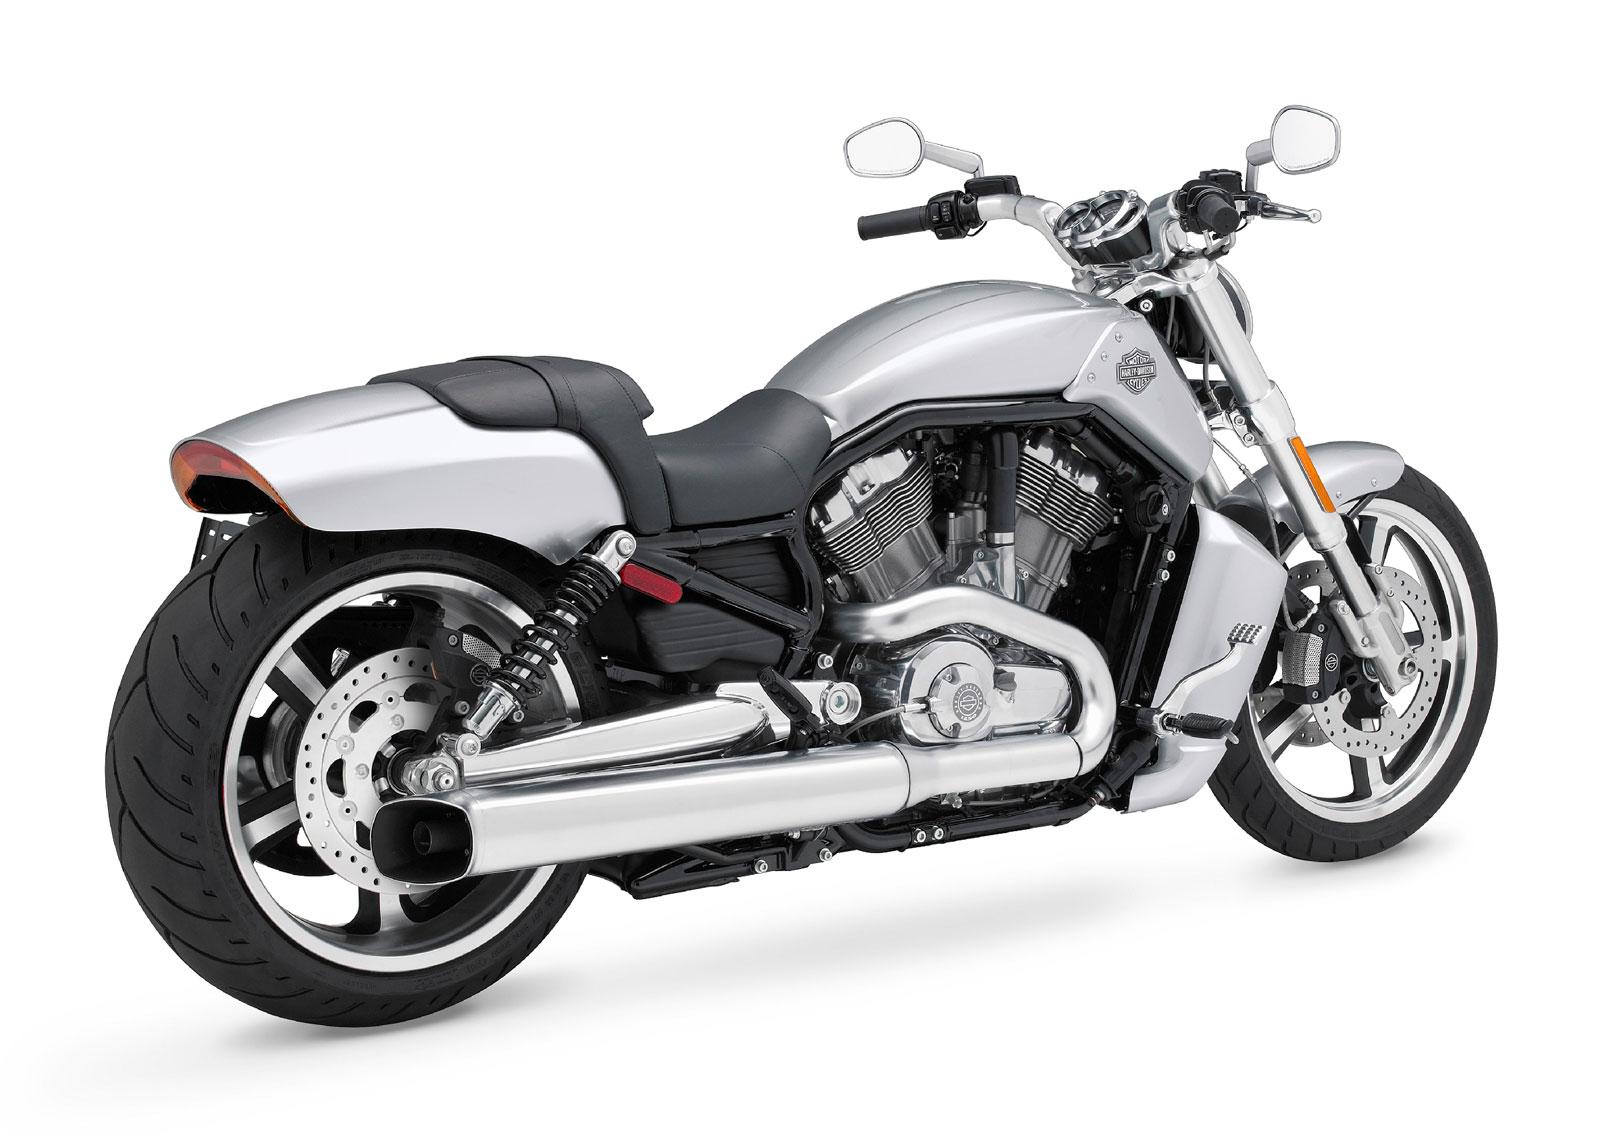 Compare a harley davidson v rod muscle vrscf 2009 a 2017 com outra - Compare A Harley Davidson V Rod Muscle Vrscf 2009 A 2017 Com Outra 3